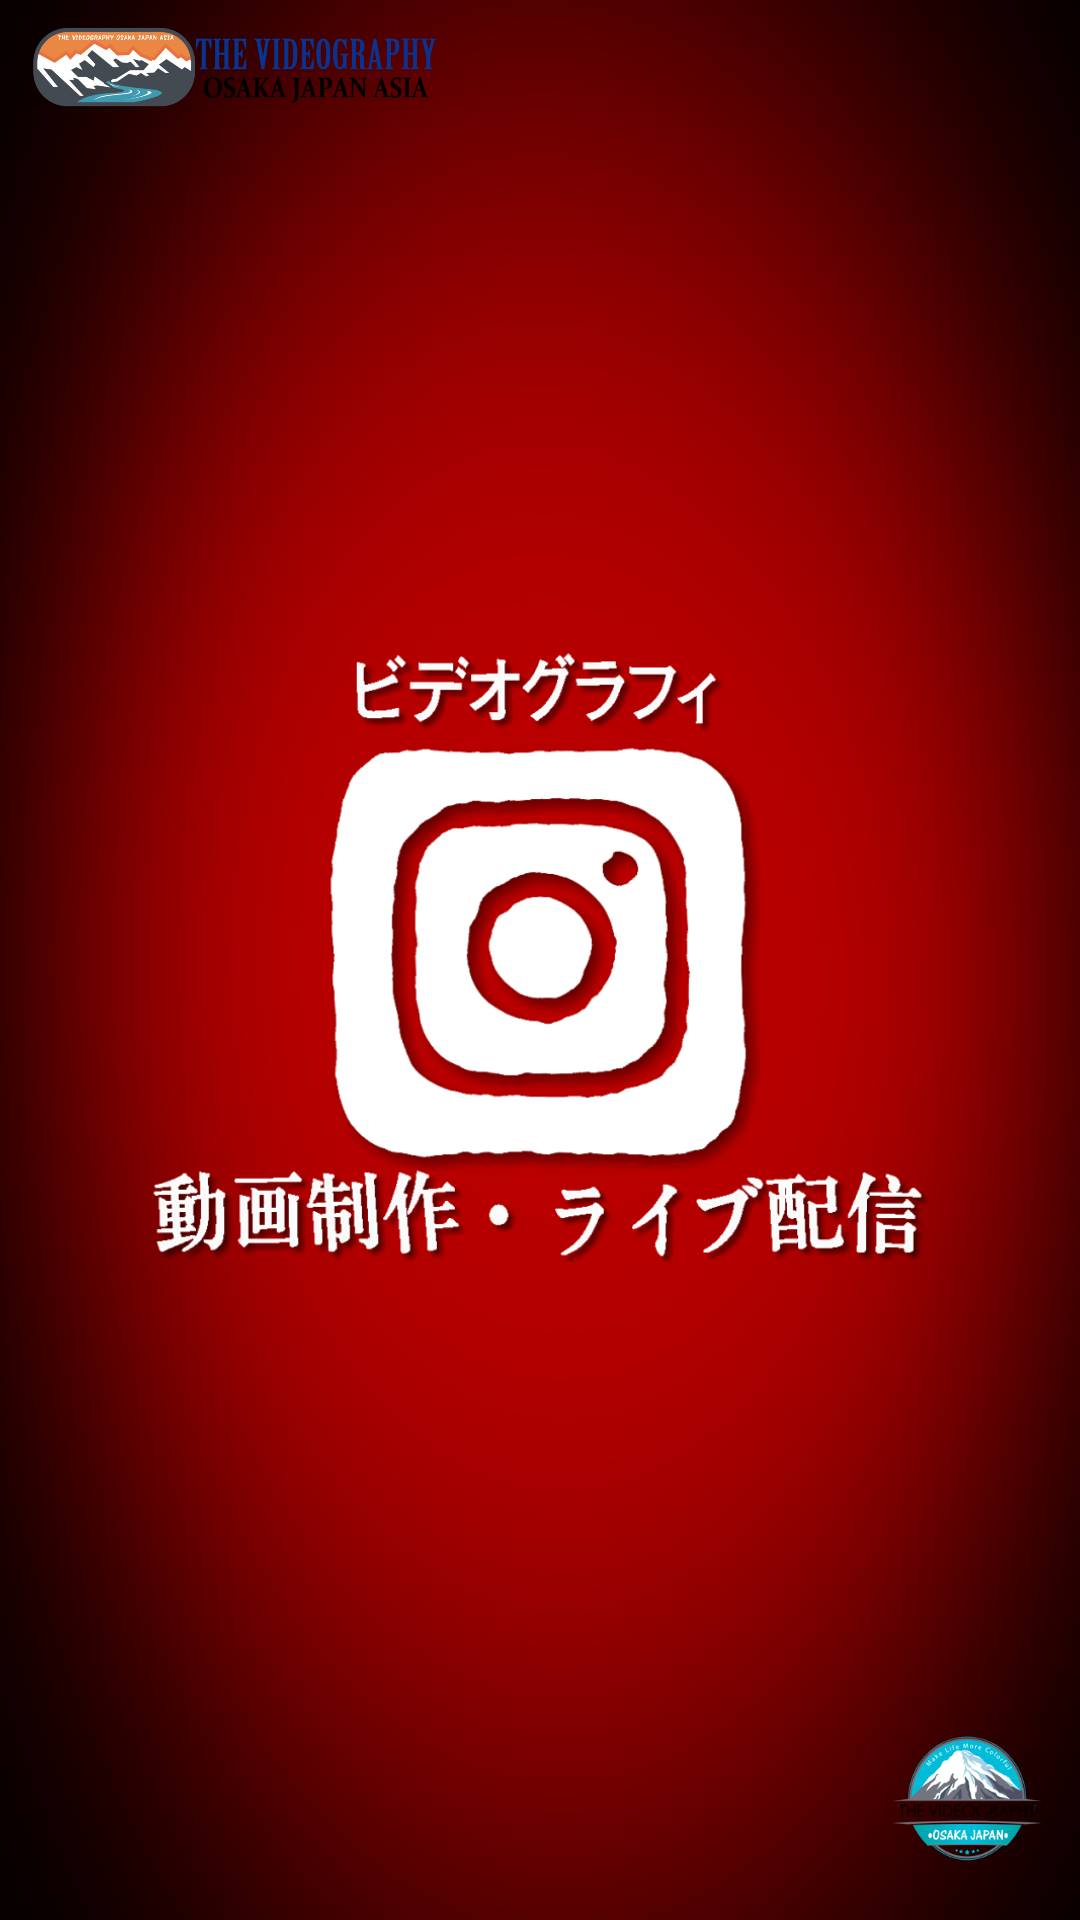 インスタグラムの映像映像制作はビデオグラフィ。インスタグラムを対象とした動画マーケティング・スマホ映像広告はビデオグラフィにお任せを。